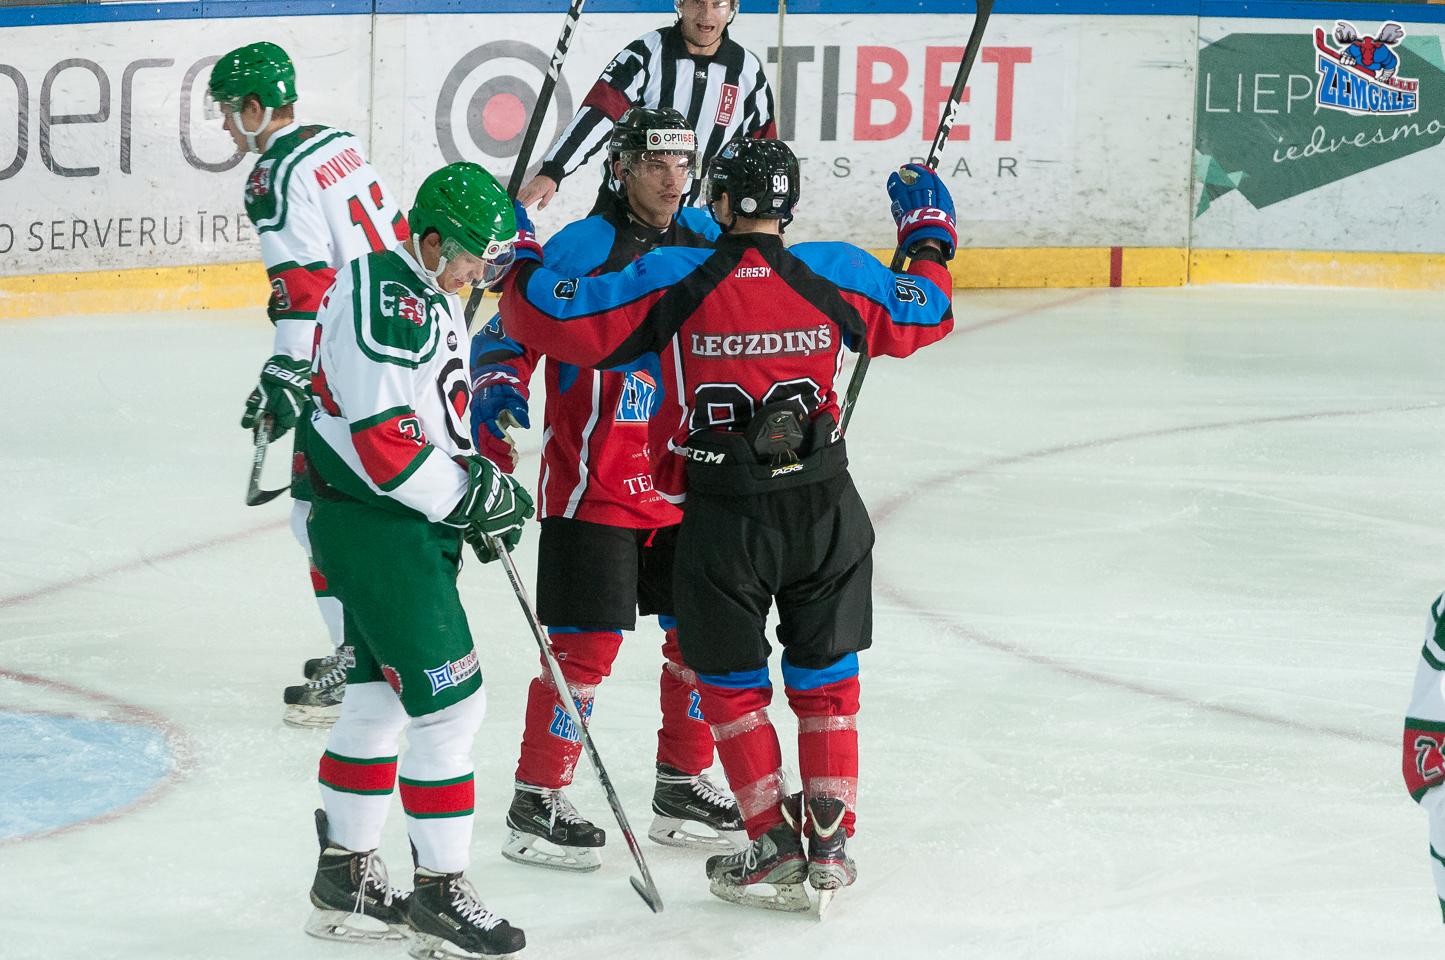 Zemgale/LLU uzbrucēji Raivis Kurnigins #13 un Kristaps Legzdiņš #90 sveic viens otru pēc Kriša Grundmana #4 gūtiem vārtiem spēlē pret Liepāja/Optibet LOC ledus hallē Liepājā 2017. gada 21. oktobrī.